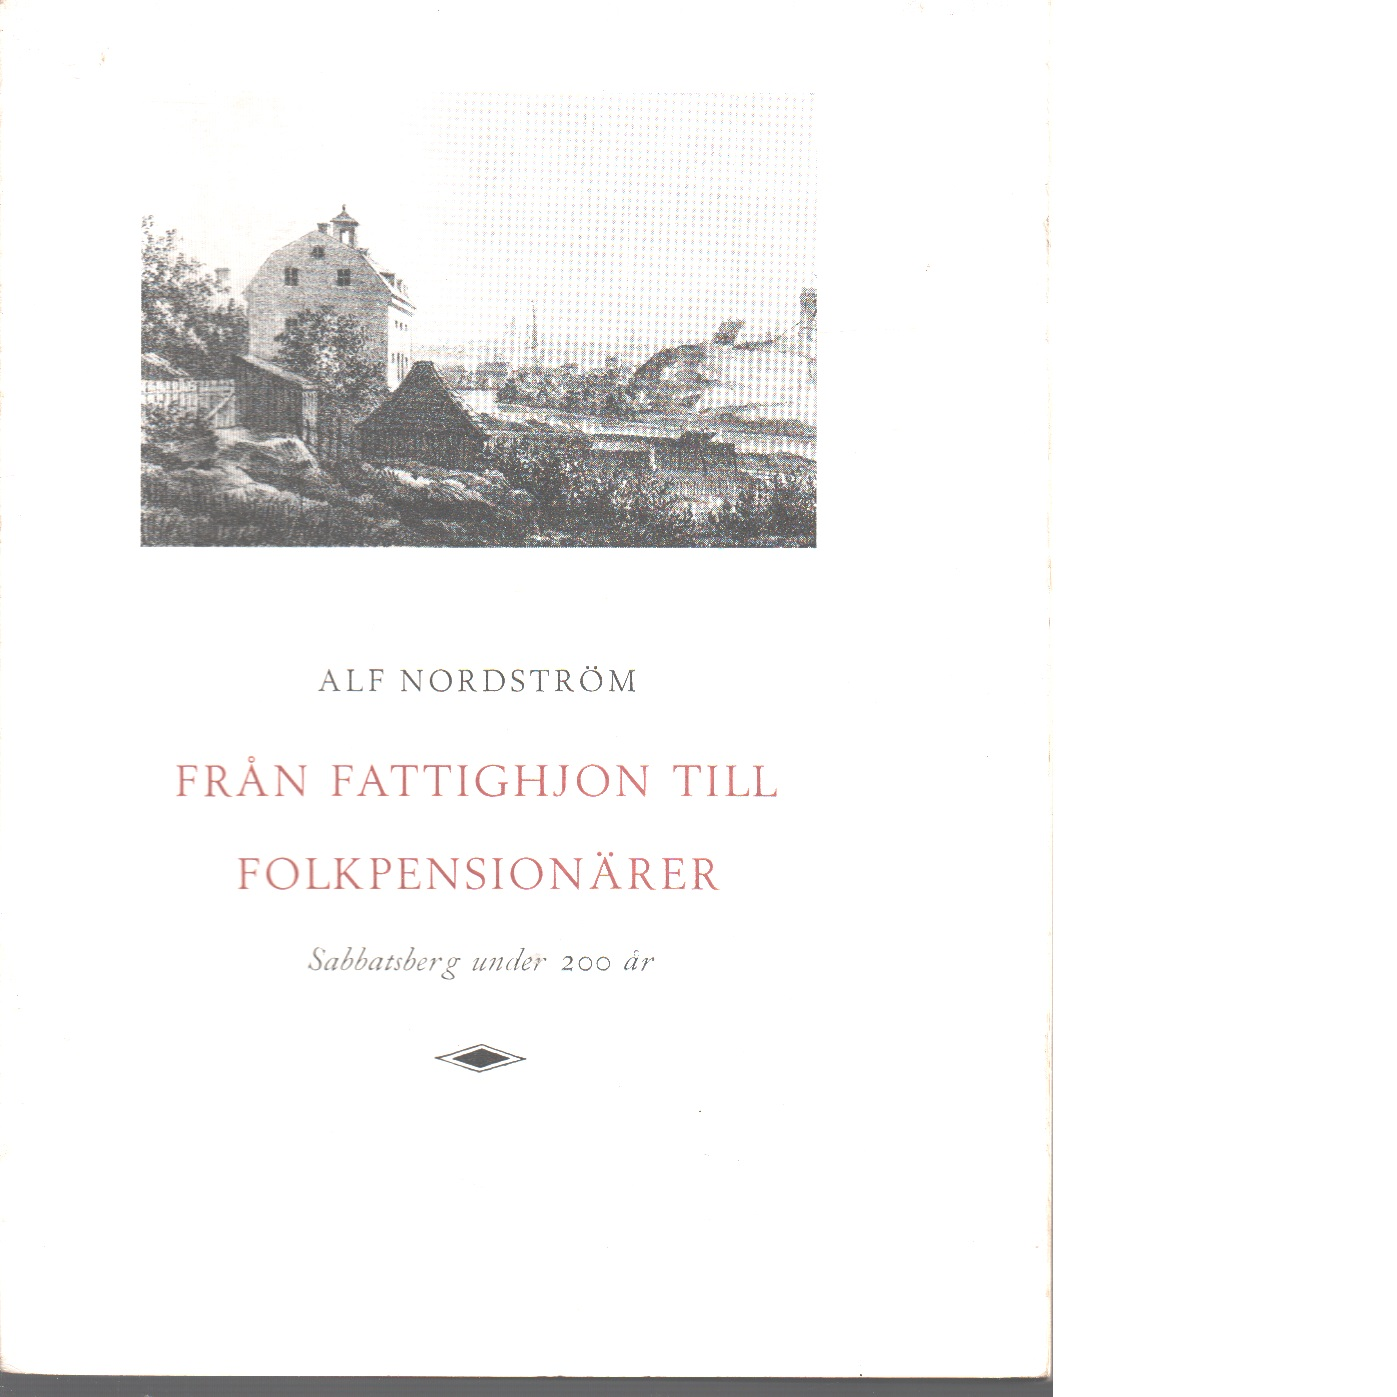 Från fattighjon till folkpensionärer : Sabbatsberg under 200 år - Nordström, Alf